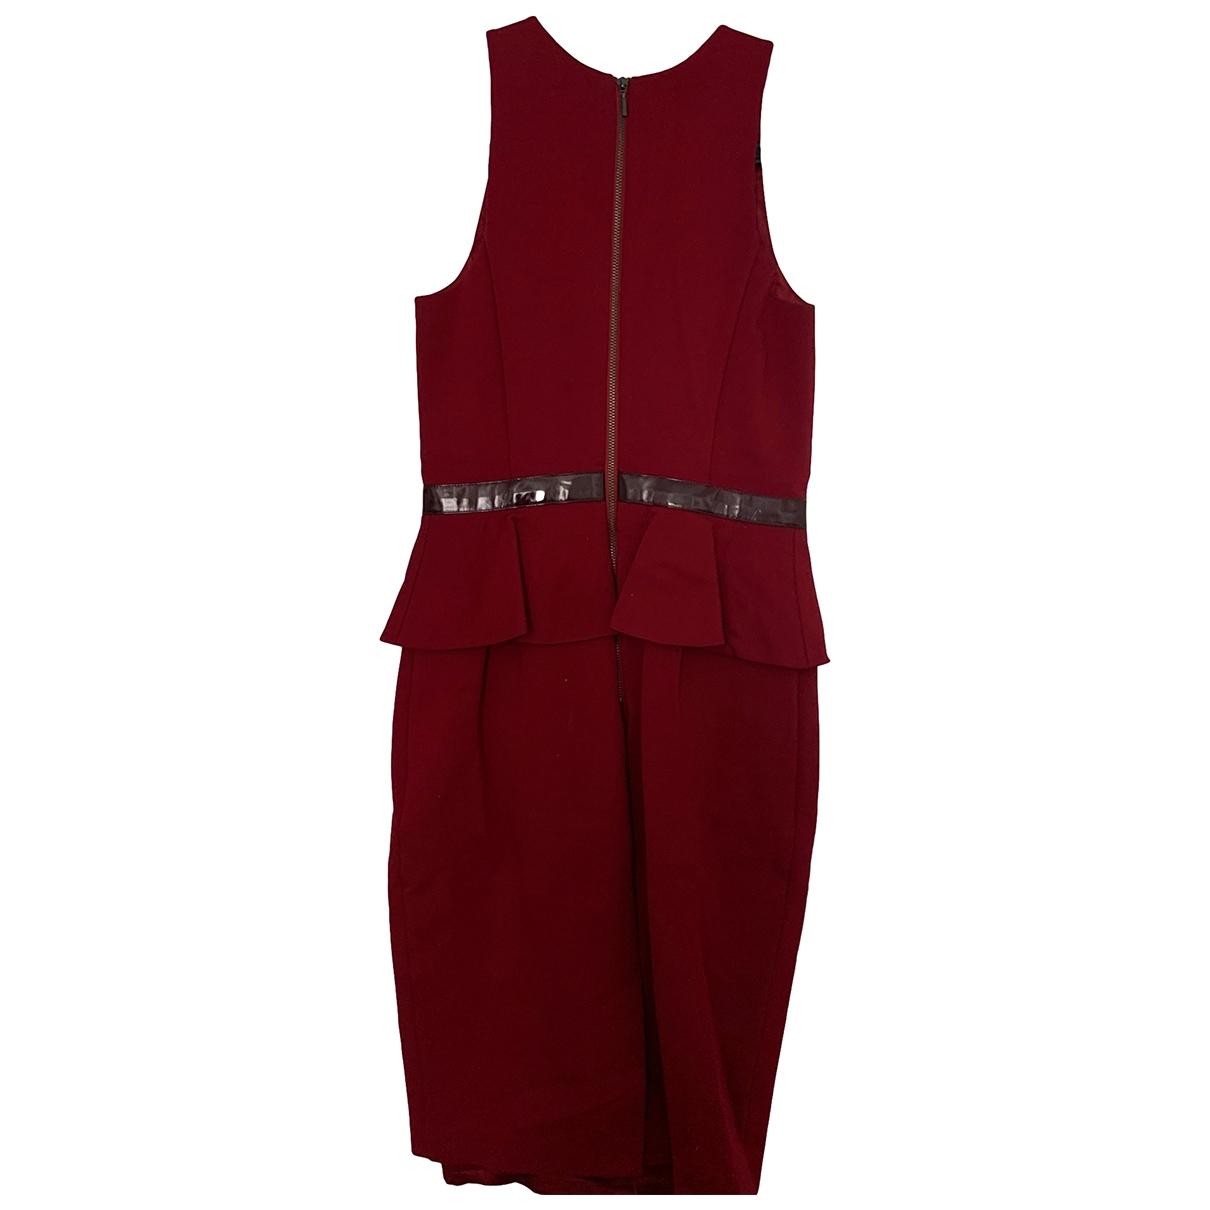 Emporio Armani \N Kleid in  Bordeauxrot Baumwolle - Elasthan